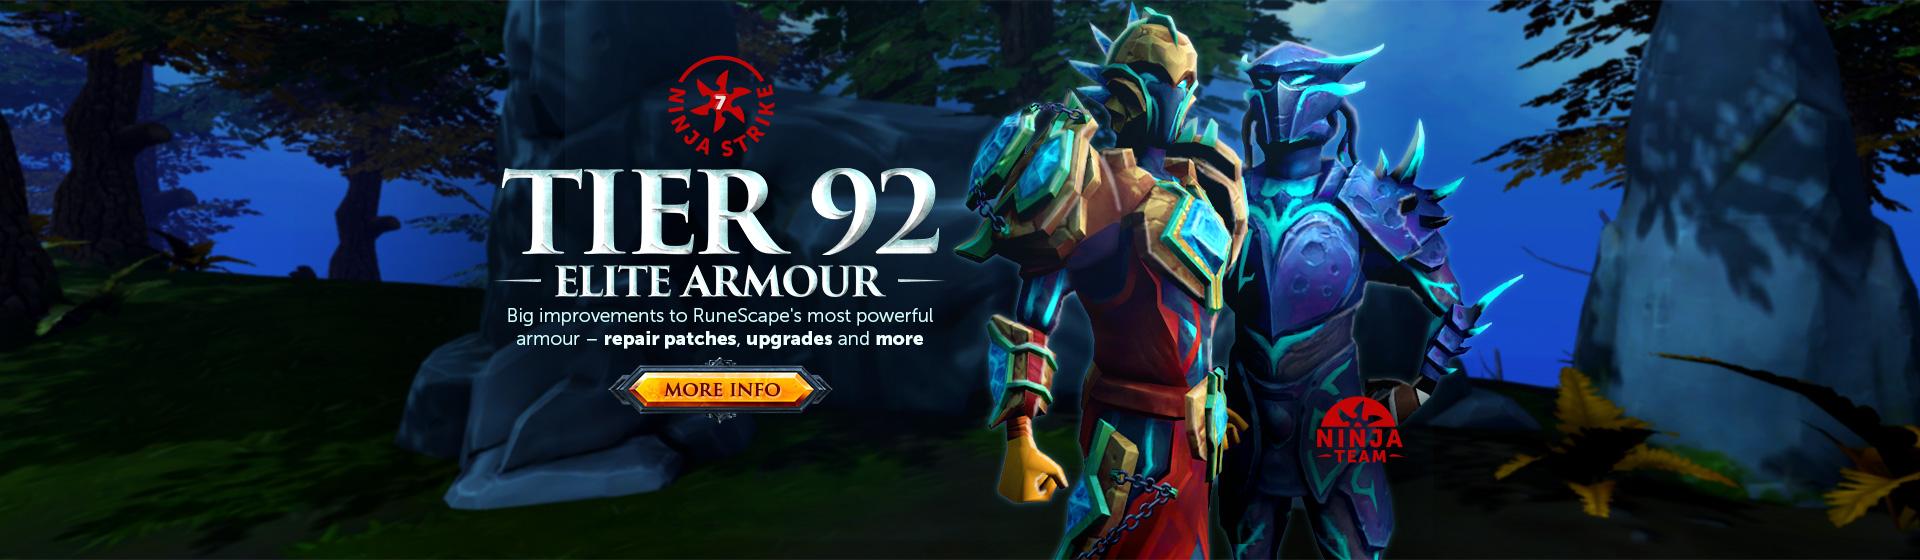 Tier 92 Armour